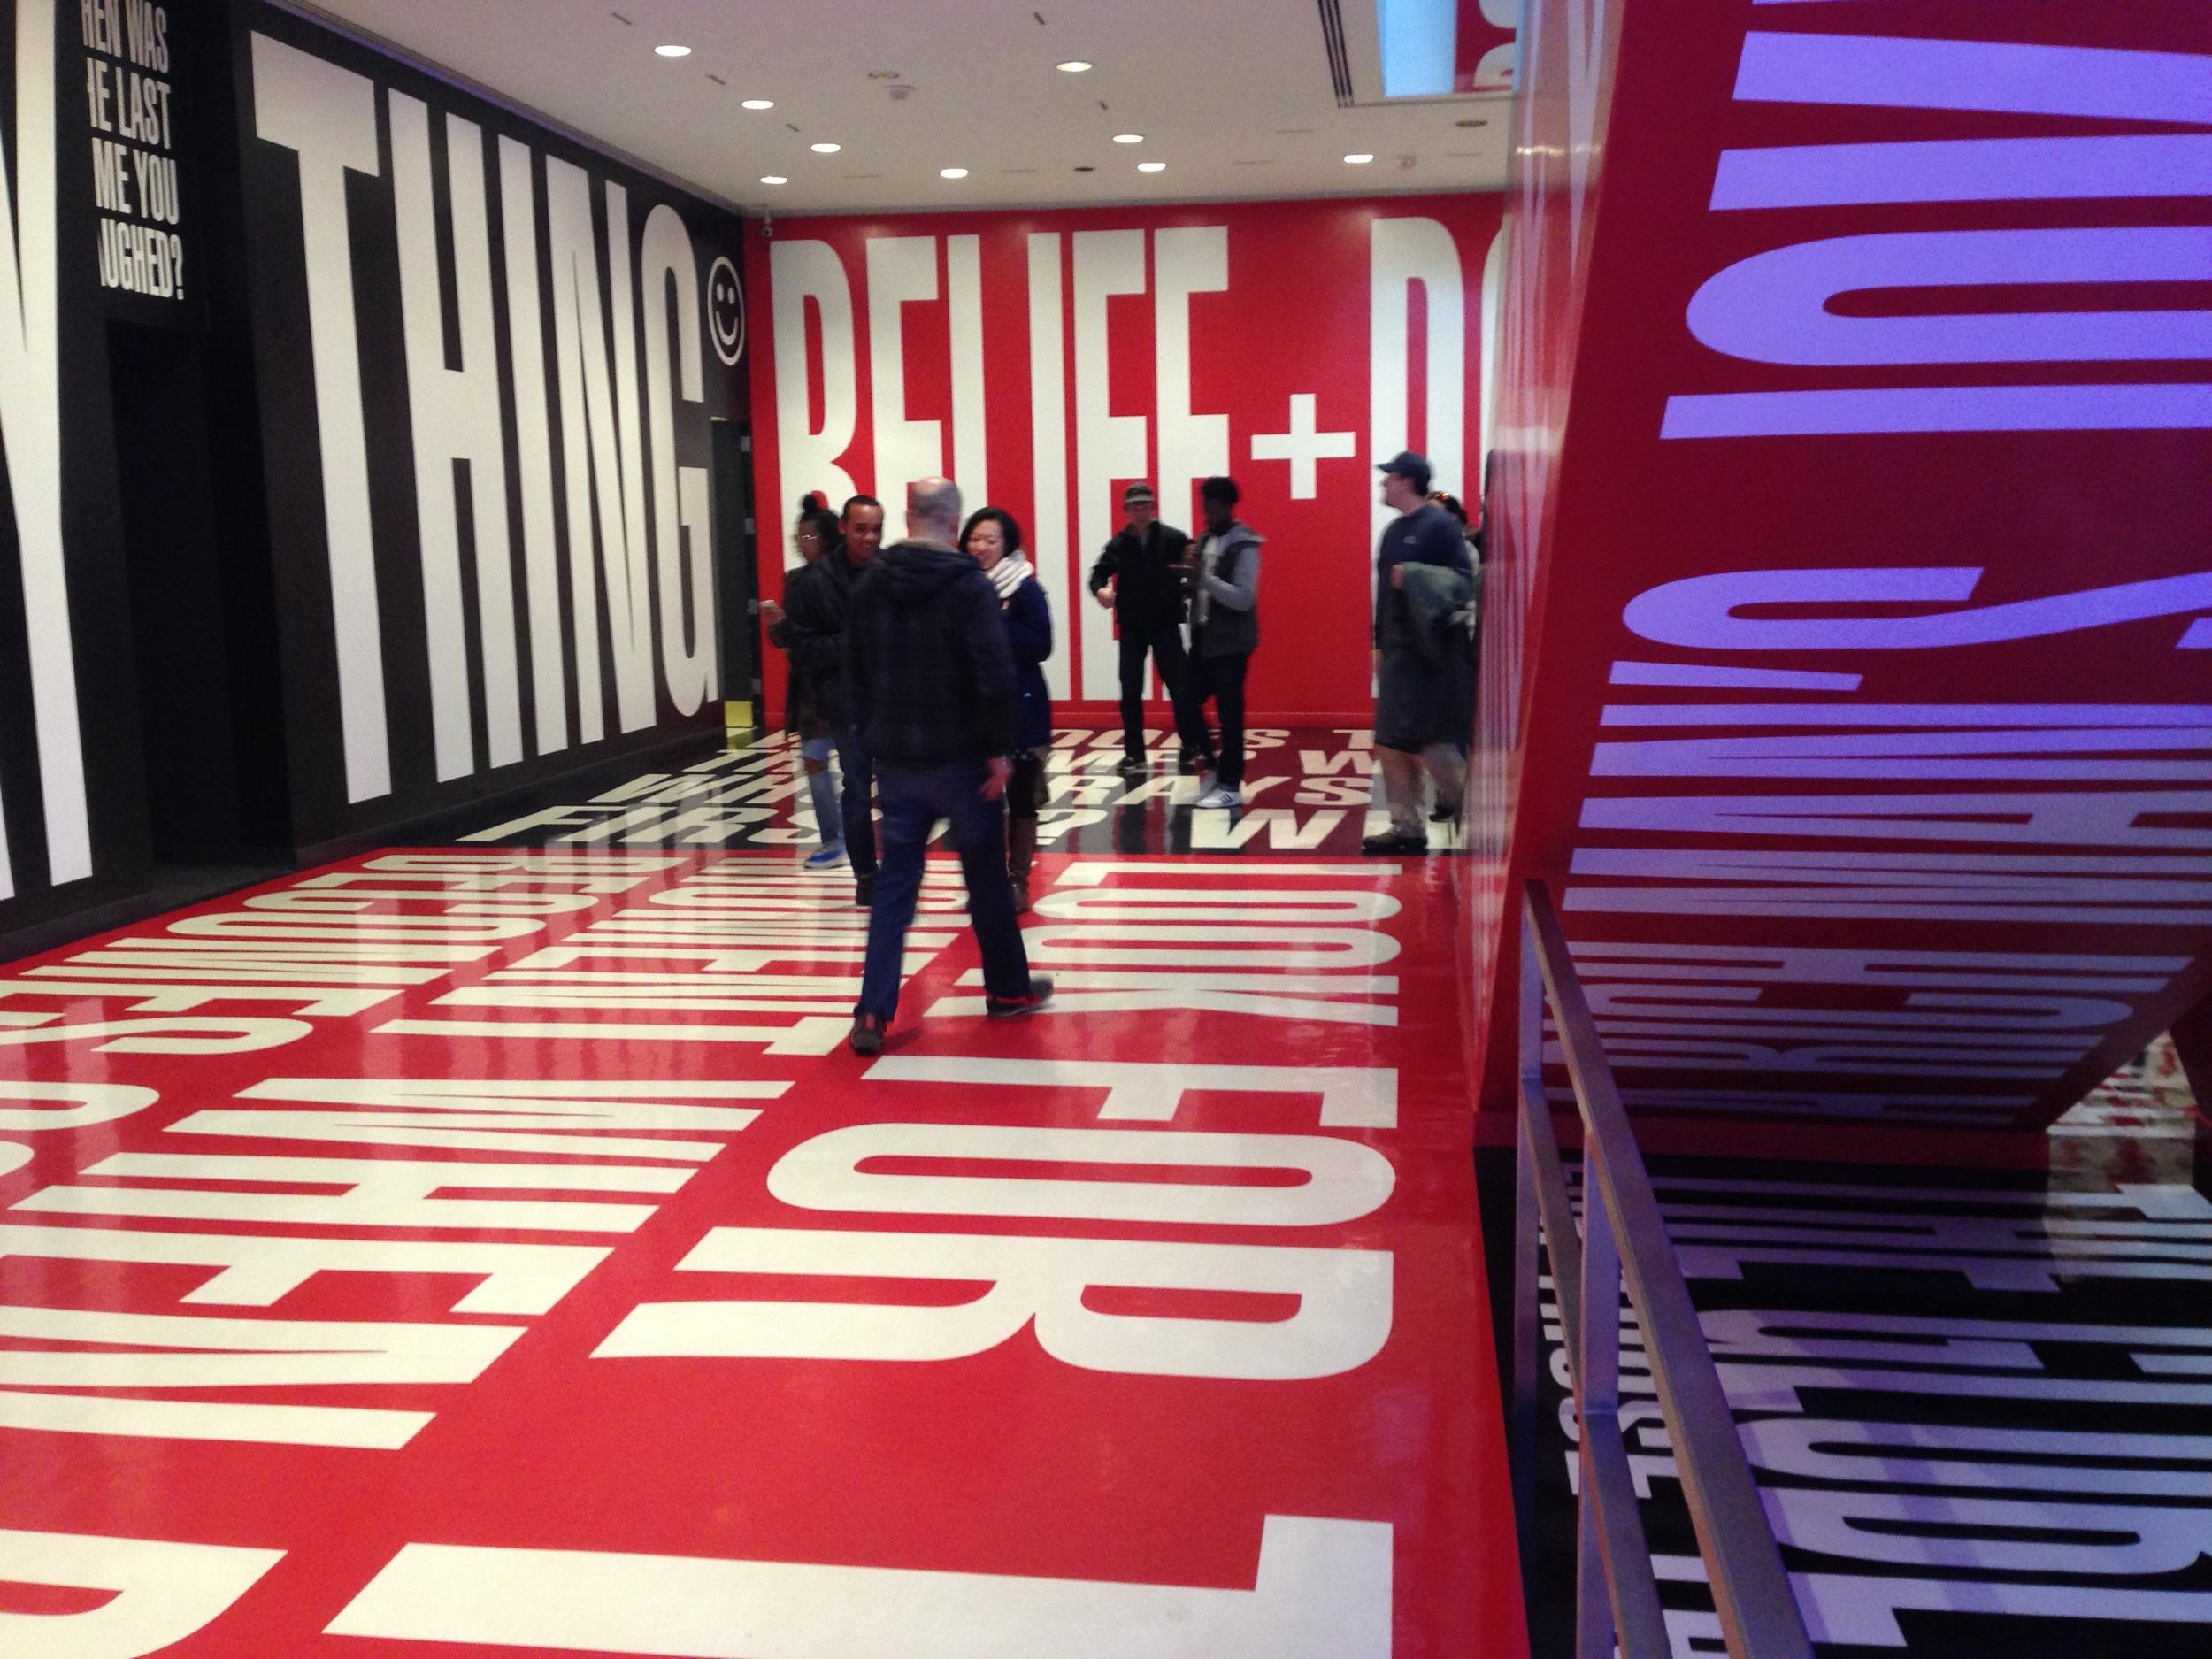 Inside the Hirshhorn Art Museum